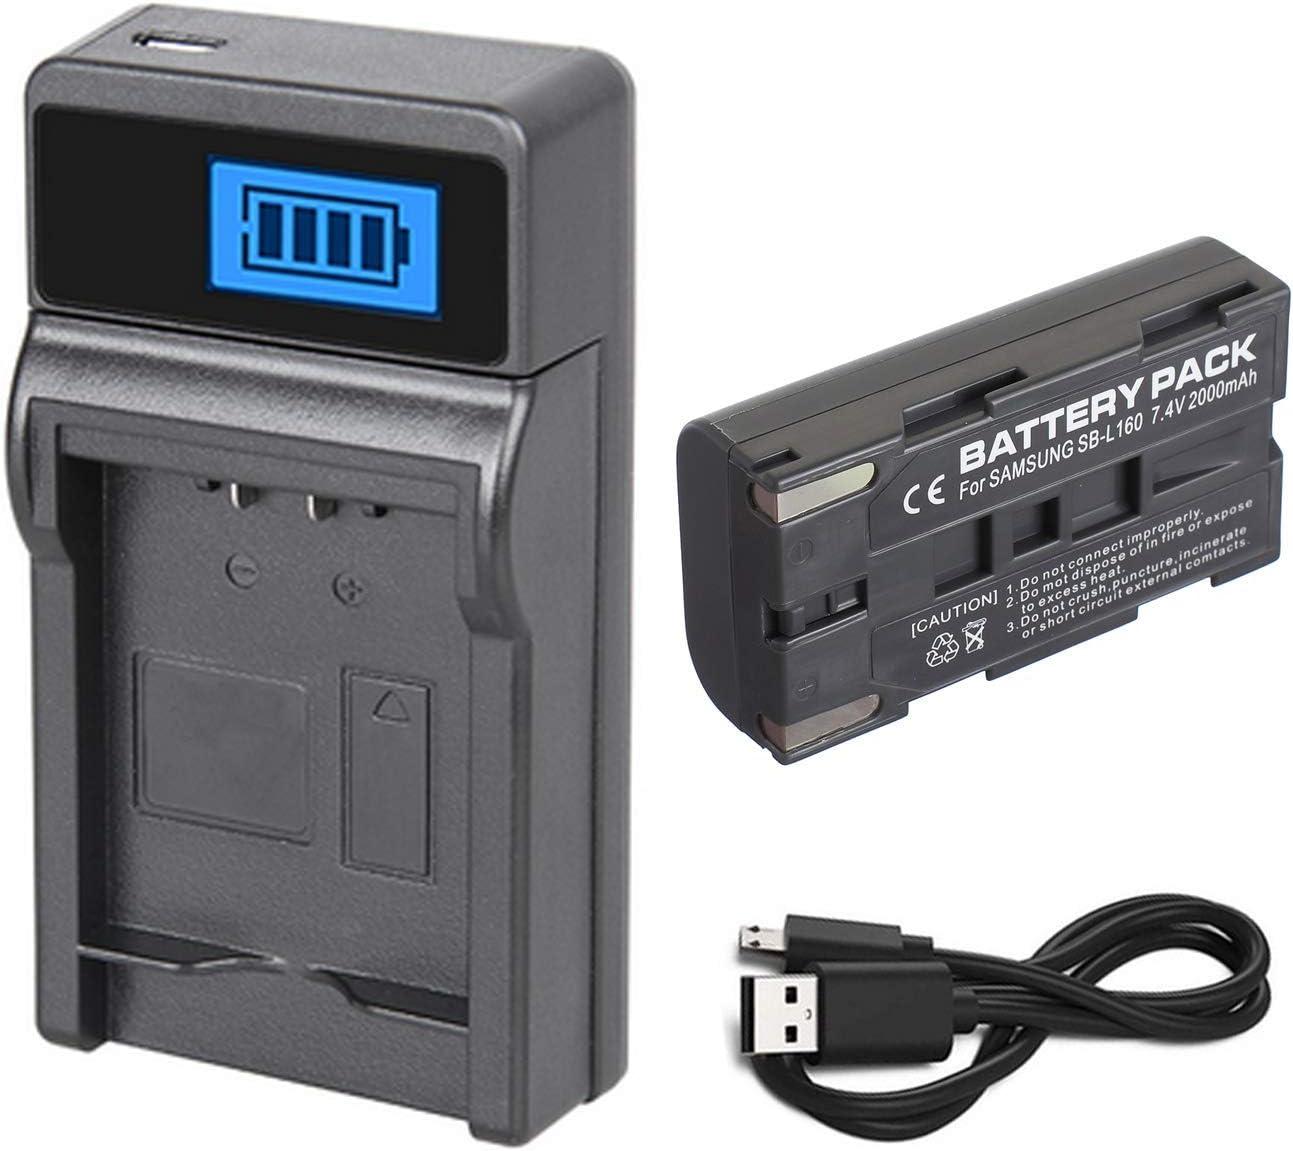 Charger for Samsung VP-L700 VP-L710 VP-L750D VP-L770 Digital Video Camcorder Battery Pack VP-L700U VP-L750